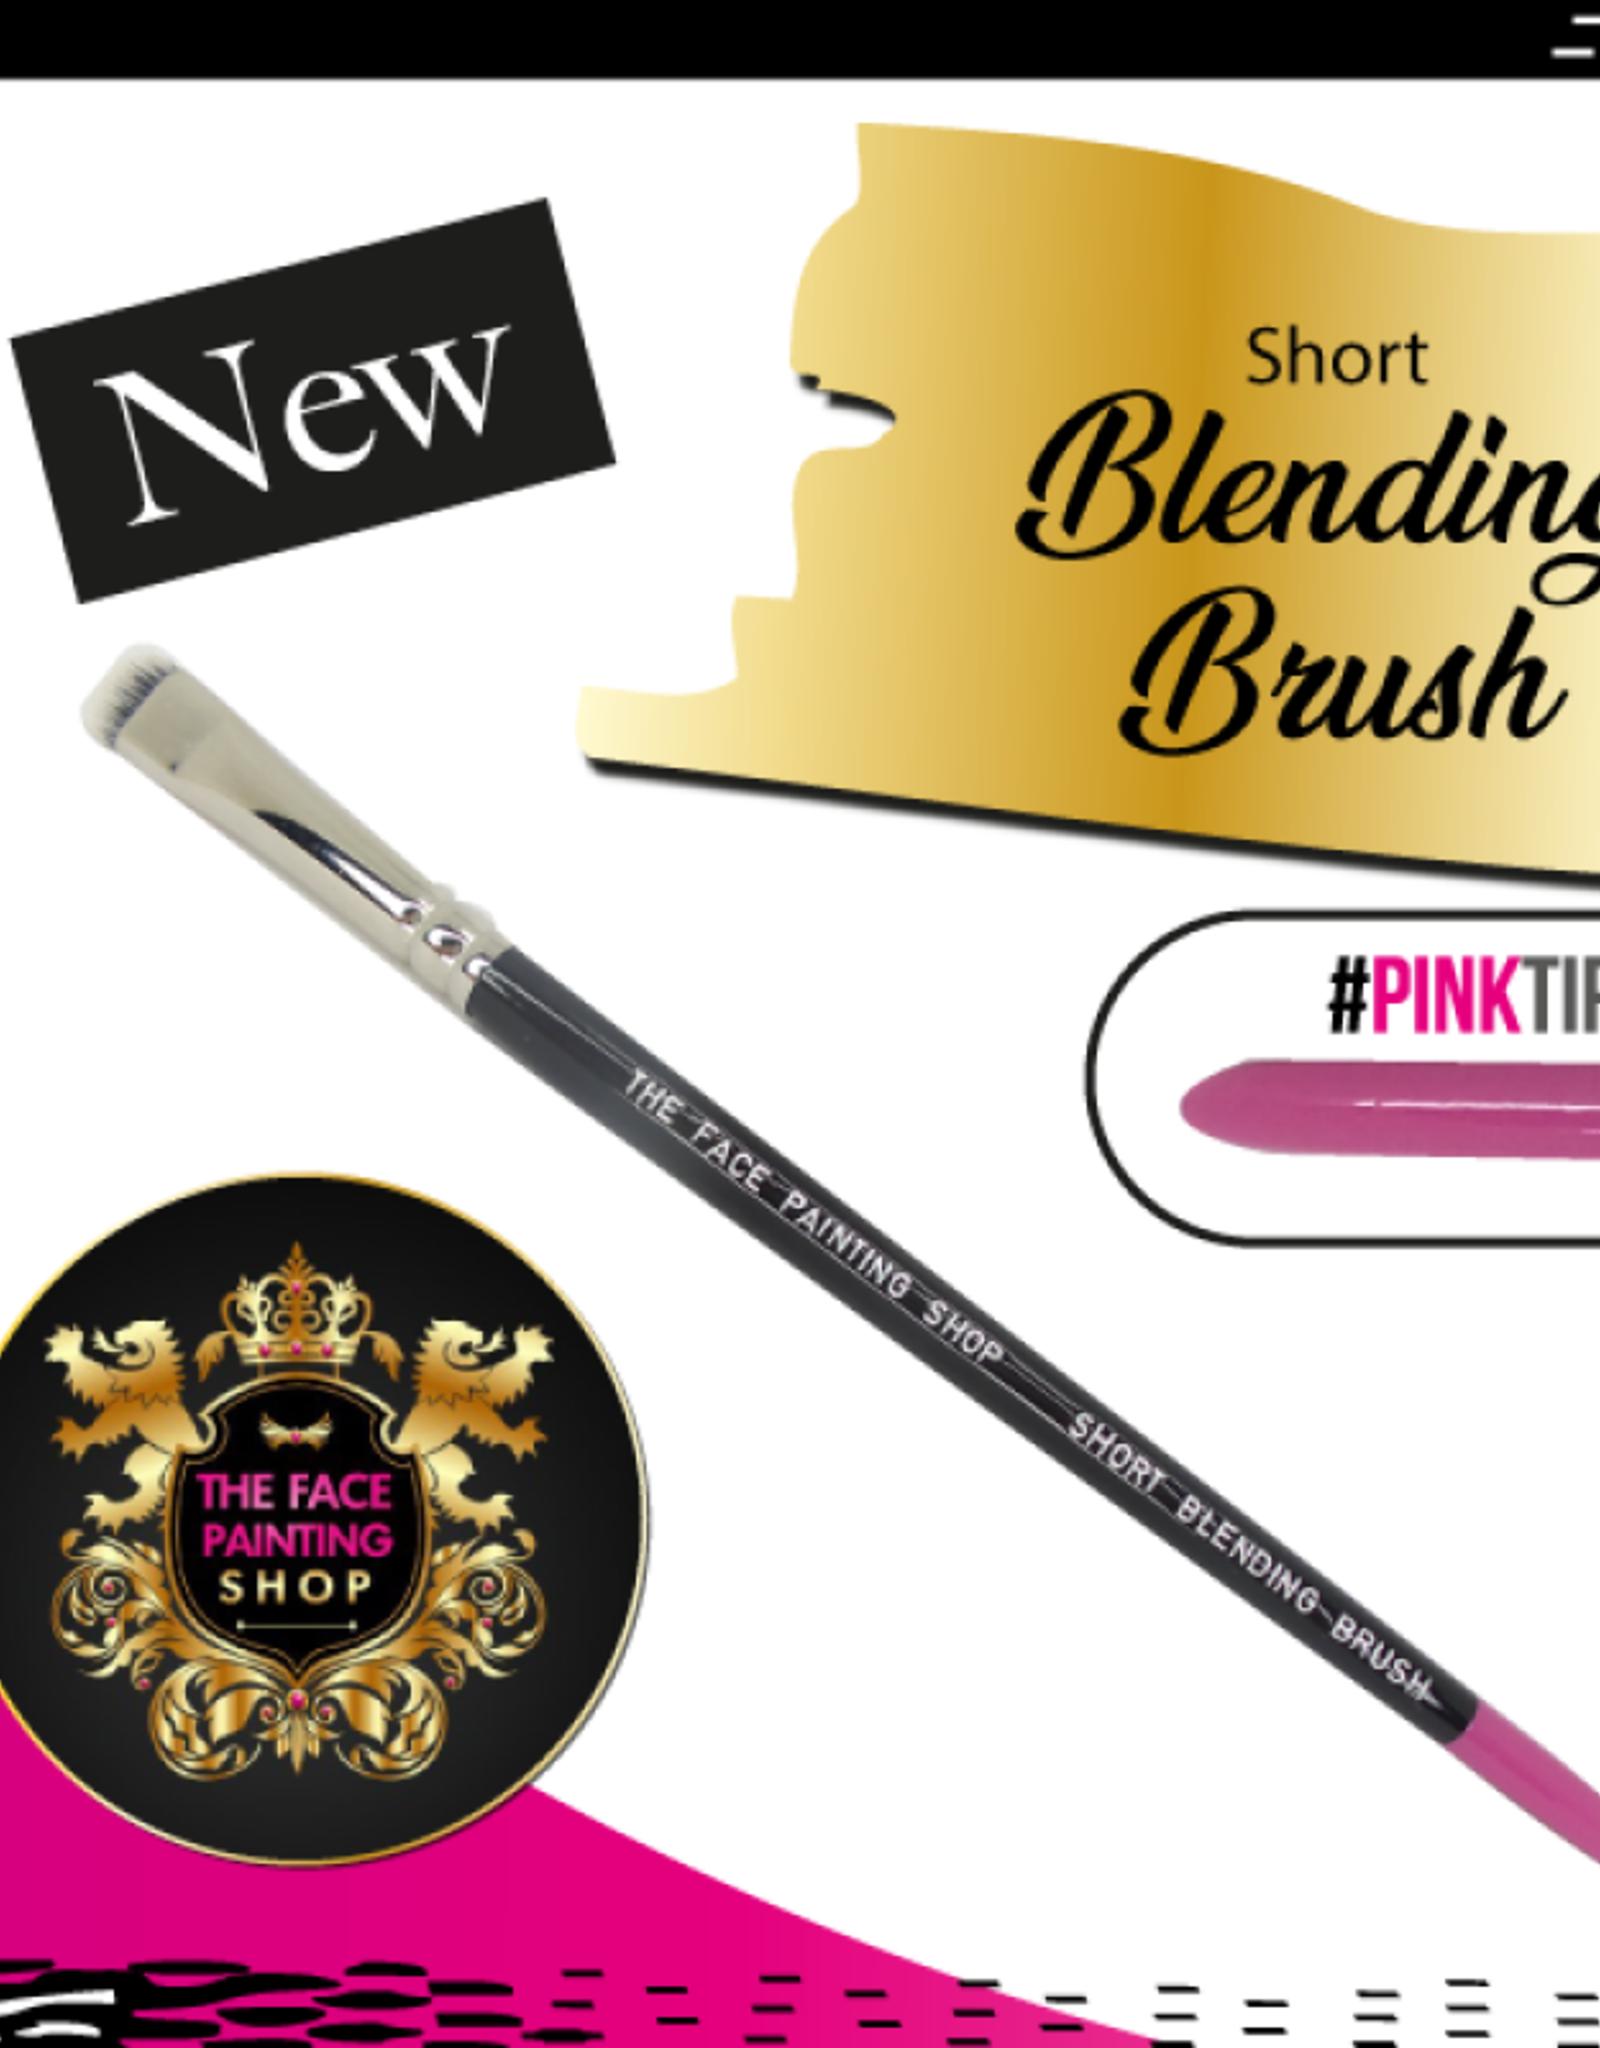 The Facepainting Shop Short Blending Brush